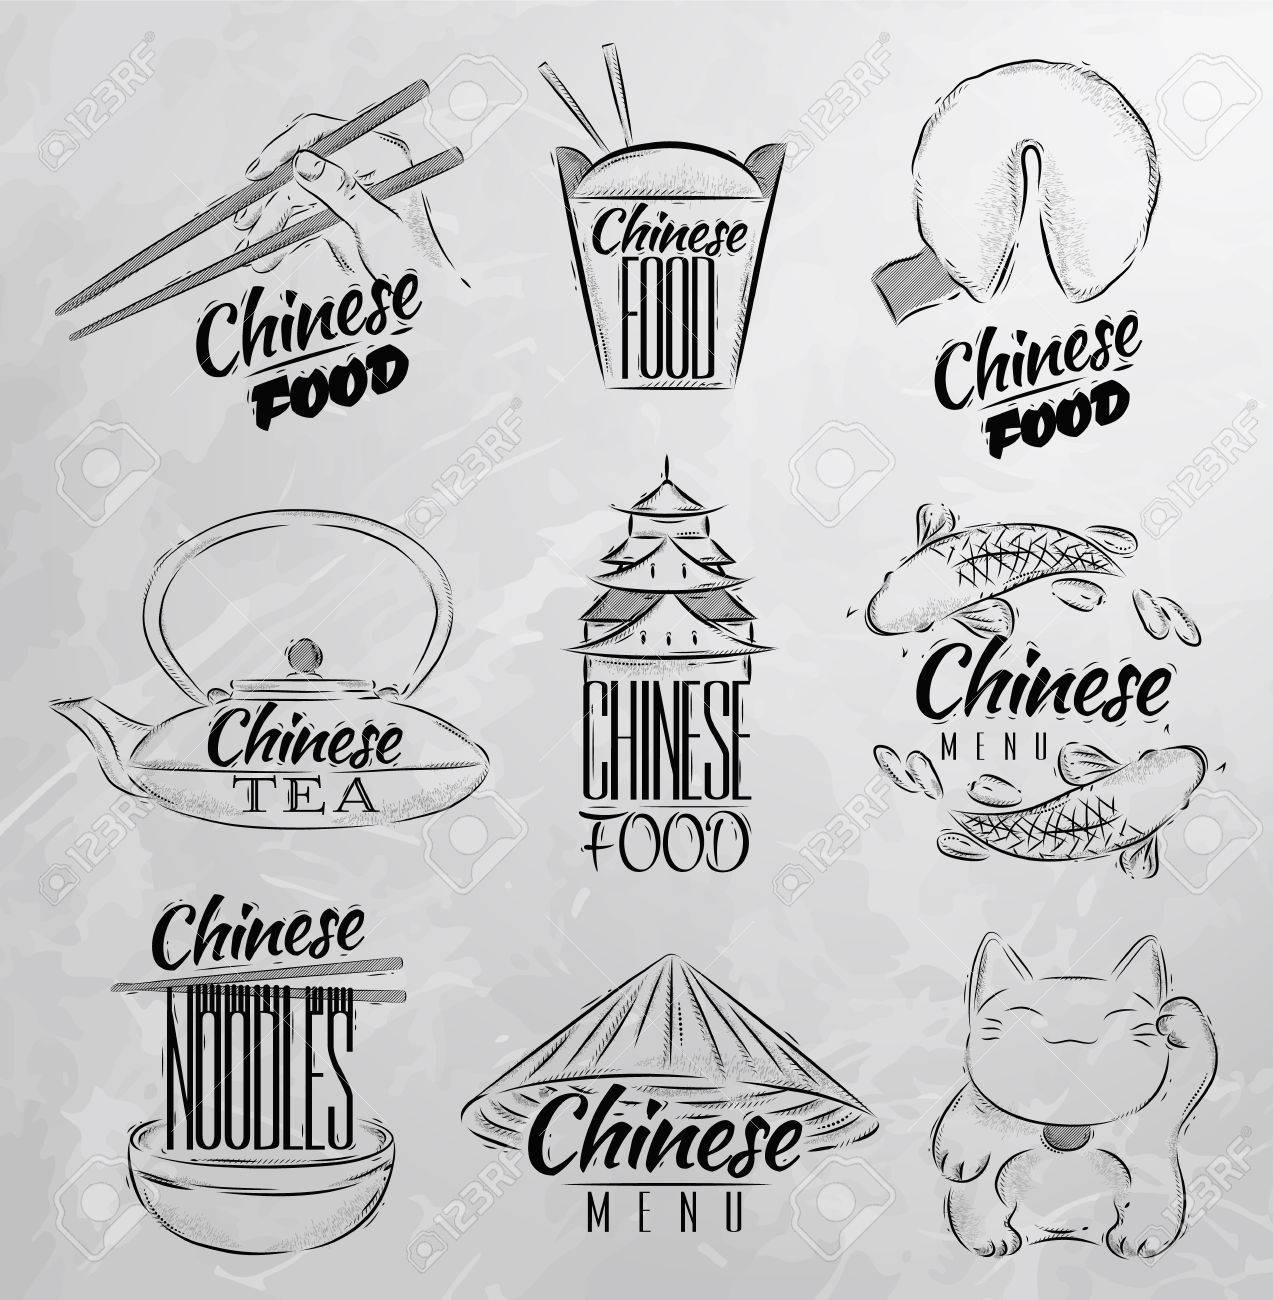 Conjunto De Símbolos De Iconos De Comida China En Estilo Retro